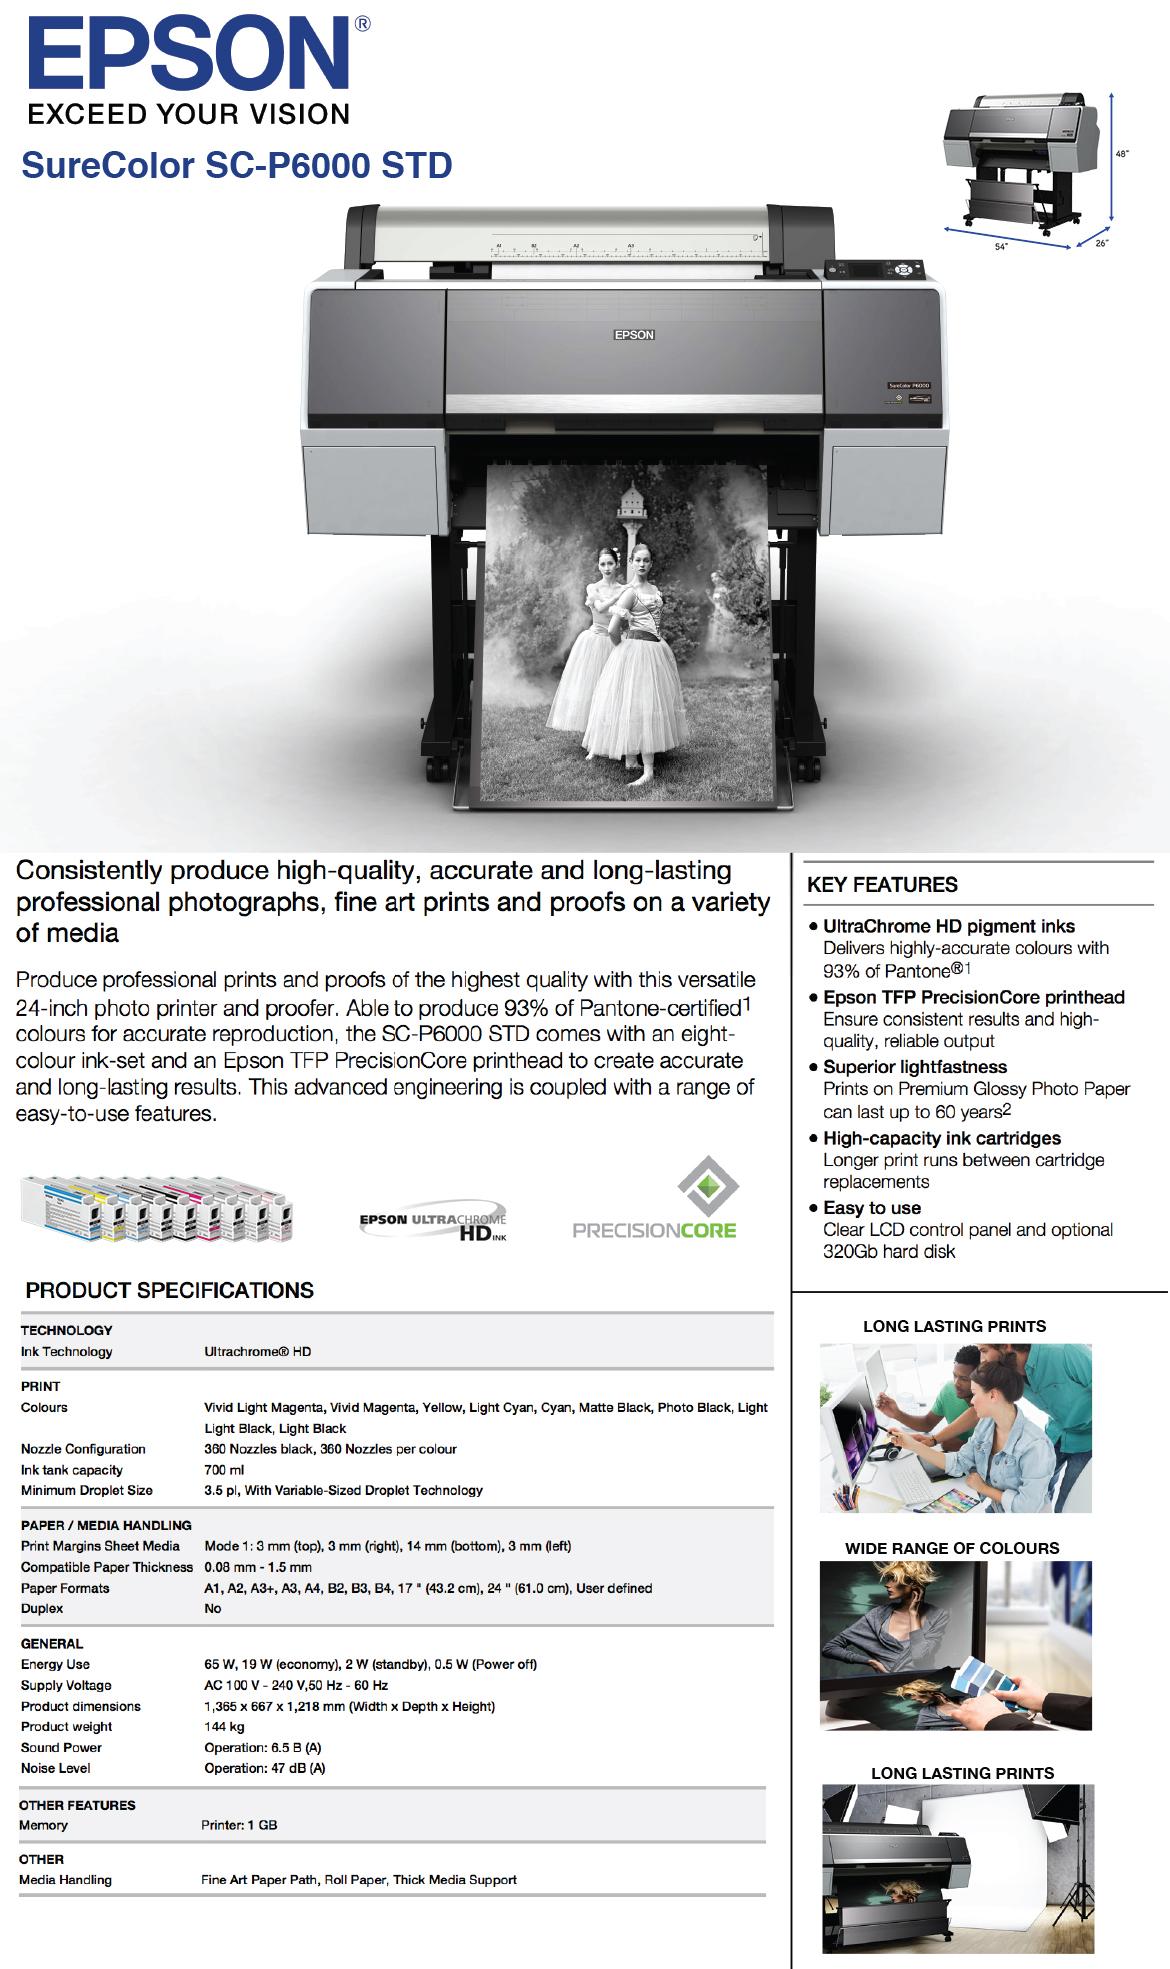 epson-surecolor-sc-p6000-std-tenaui1